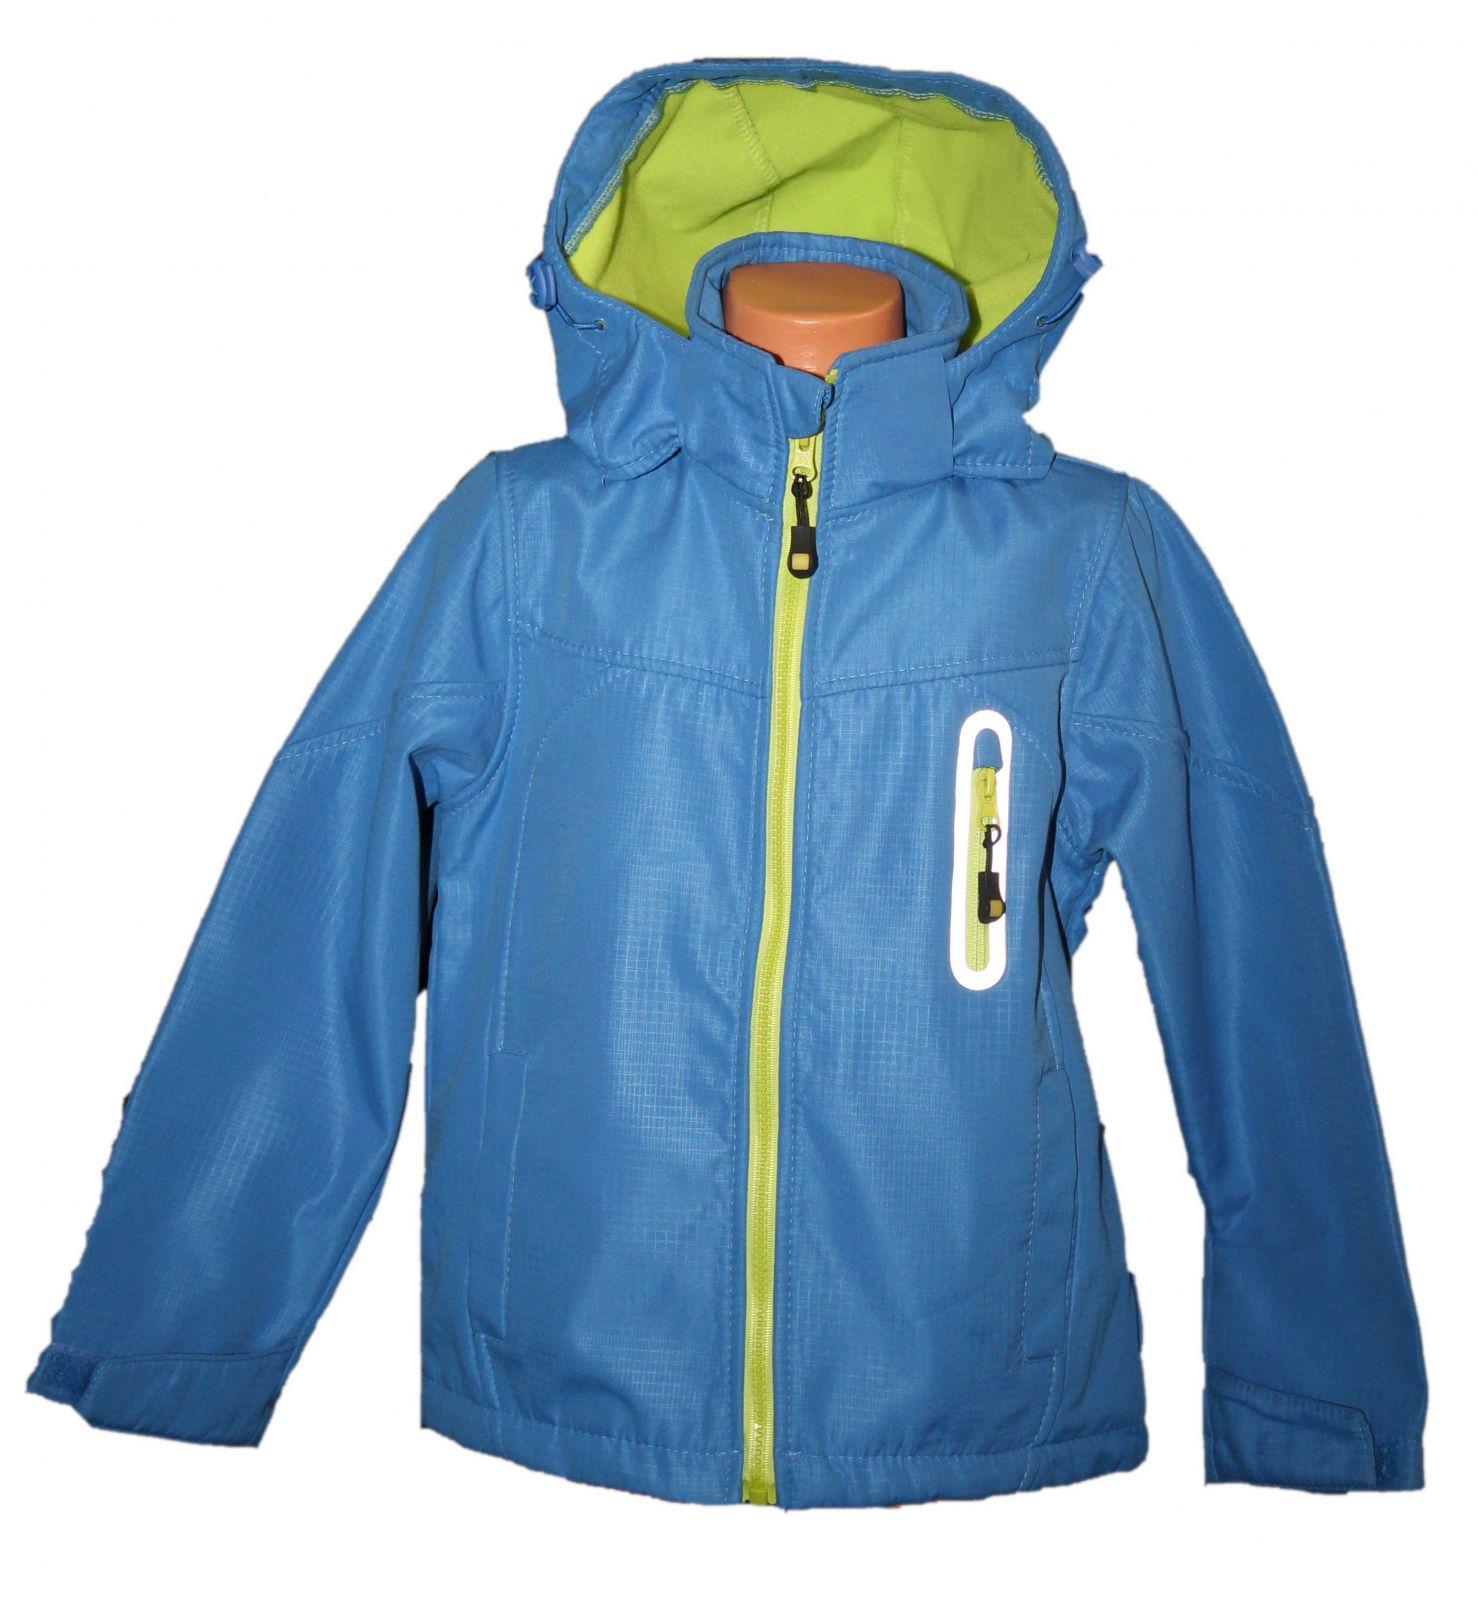 Dětská jarní softshellová bunda Grace, dívčí softshellová bunda, chlapecká softshellová bunda, jarní bundy, podzimní bunda